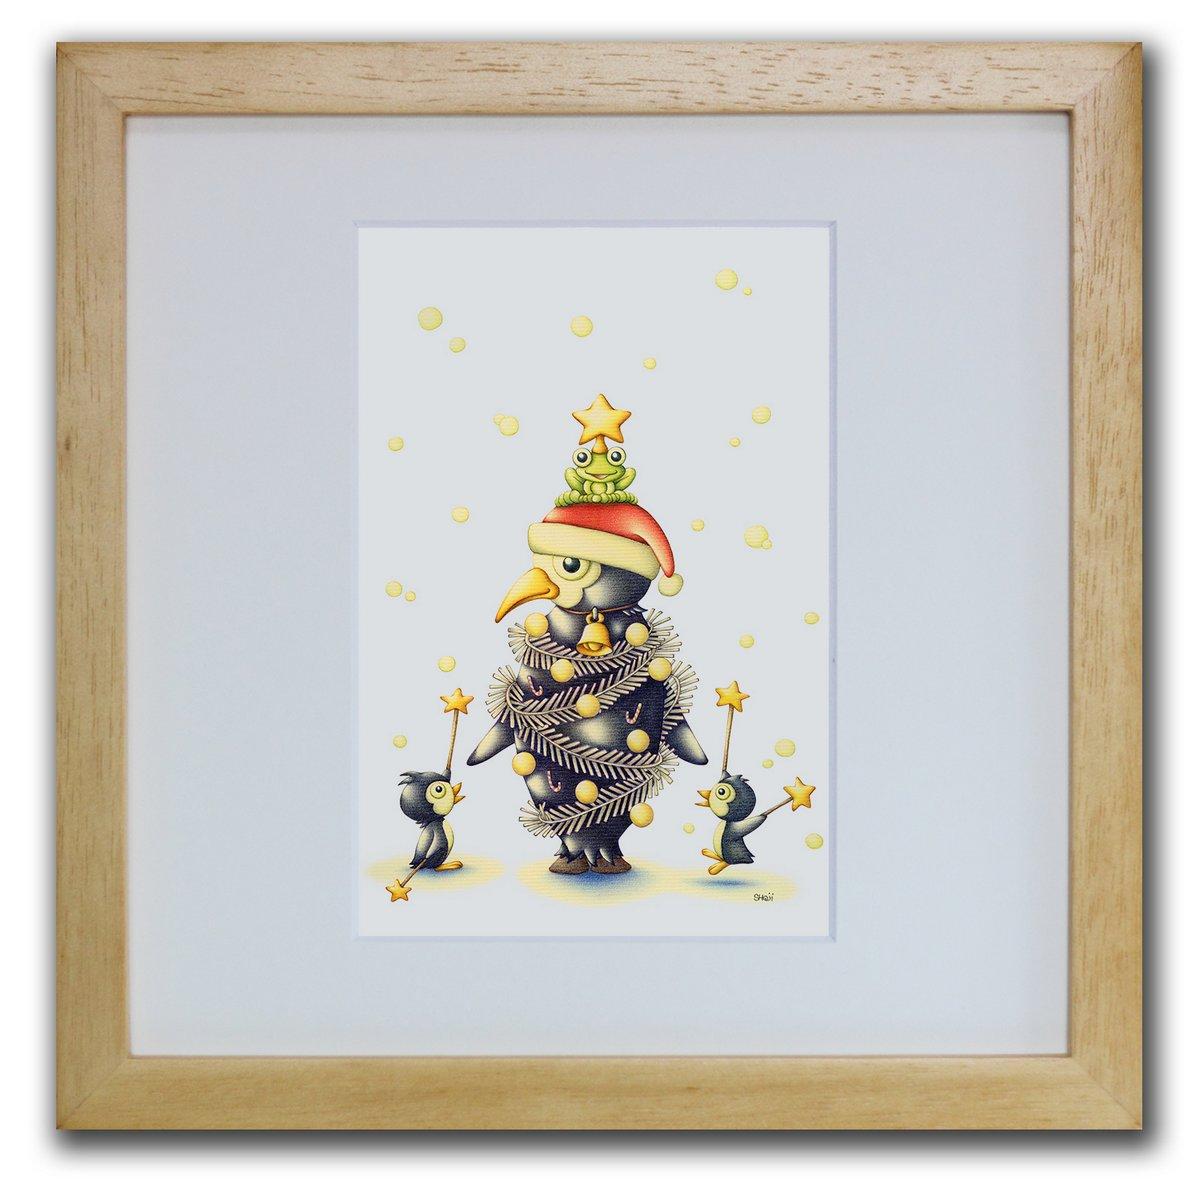 壁掛けアートは リビングや玄関におすすめのインテリア 絵画といえばルノワール ゴッホのひまわりといった名画が有名 かわいい壁飾りはお部屋を癒やしてくれそう プレゼントにも 色鉛筆画 版画 ゆうパケット ツリー ペンギン SHOji インテリア 壁掛け 額入り アートフレーム ポスター プレゼント リビング モダン 風景画 飾る 再販ご予約限定送料無料 アートパネル おしゃれ 人気の製品 アート 玄関 巣ごもり Sサイズ 油絵 額装込